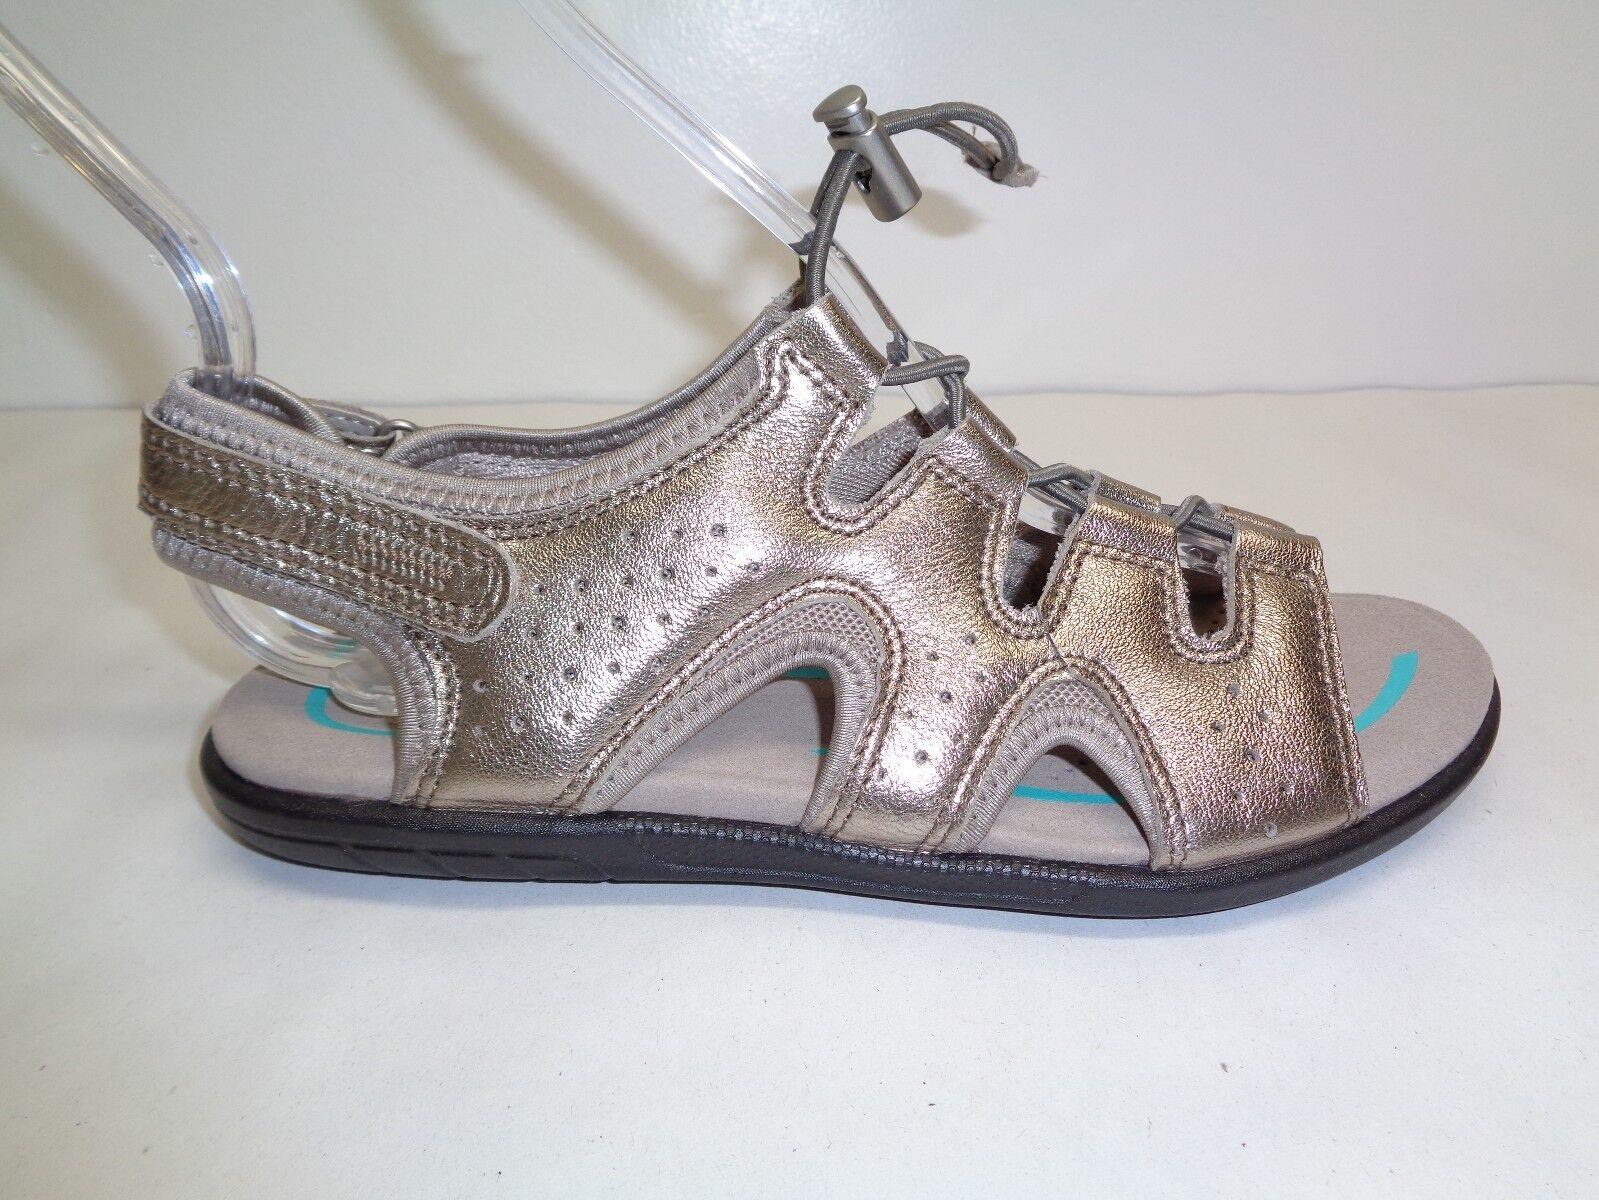 Ecco Größe 5 to 5.5 Eur 36 BLUMA TOGGLE Grau Leder Sandales NEU Damenschuhe Schuhes